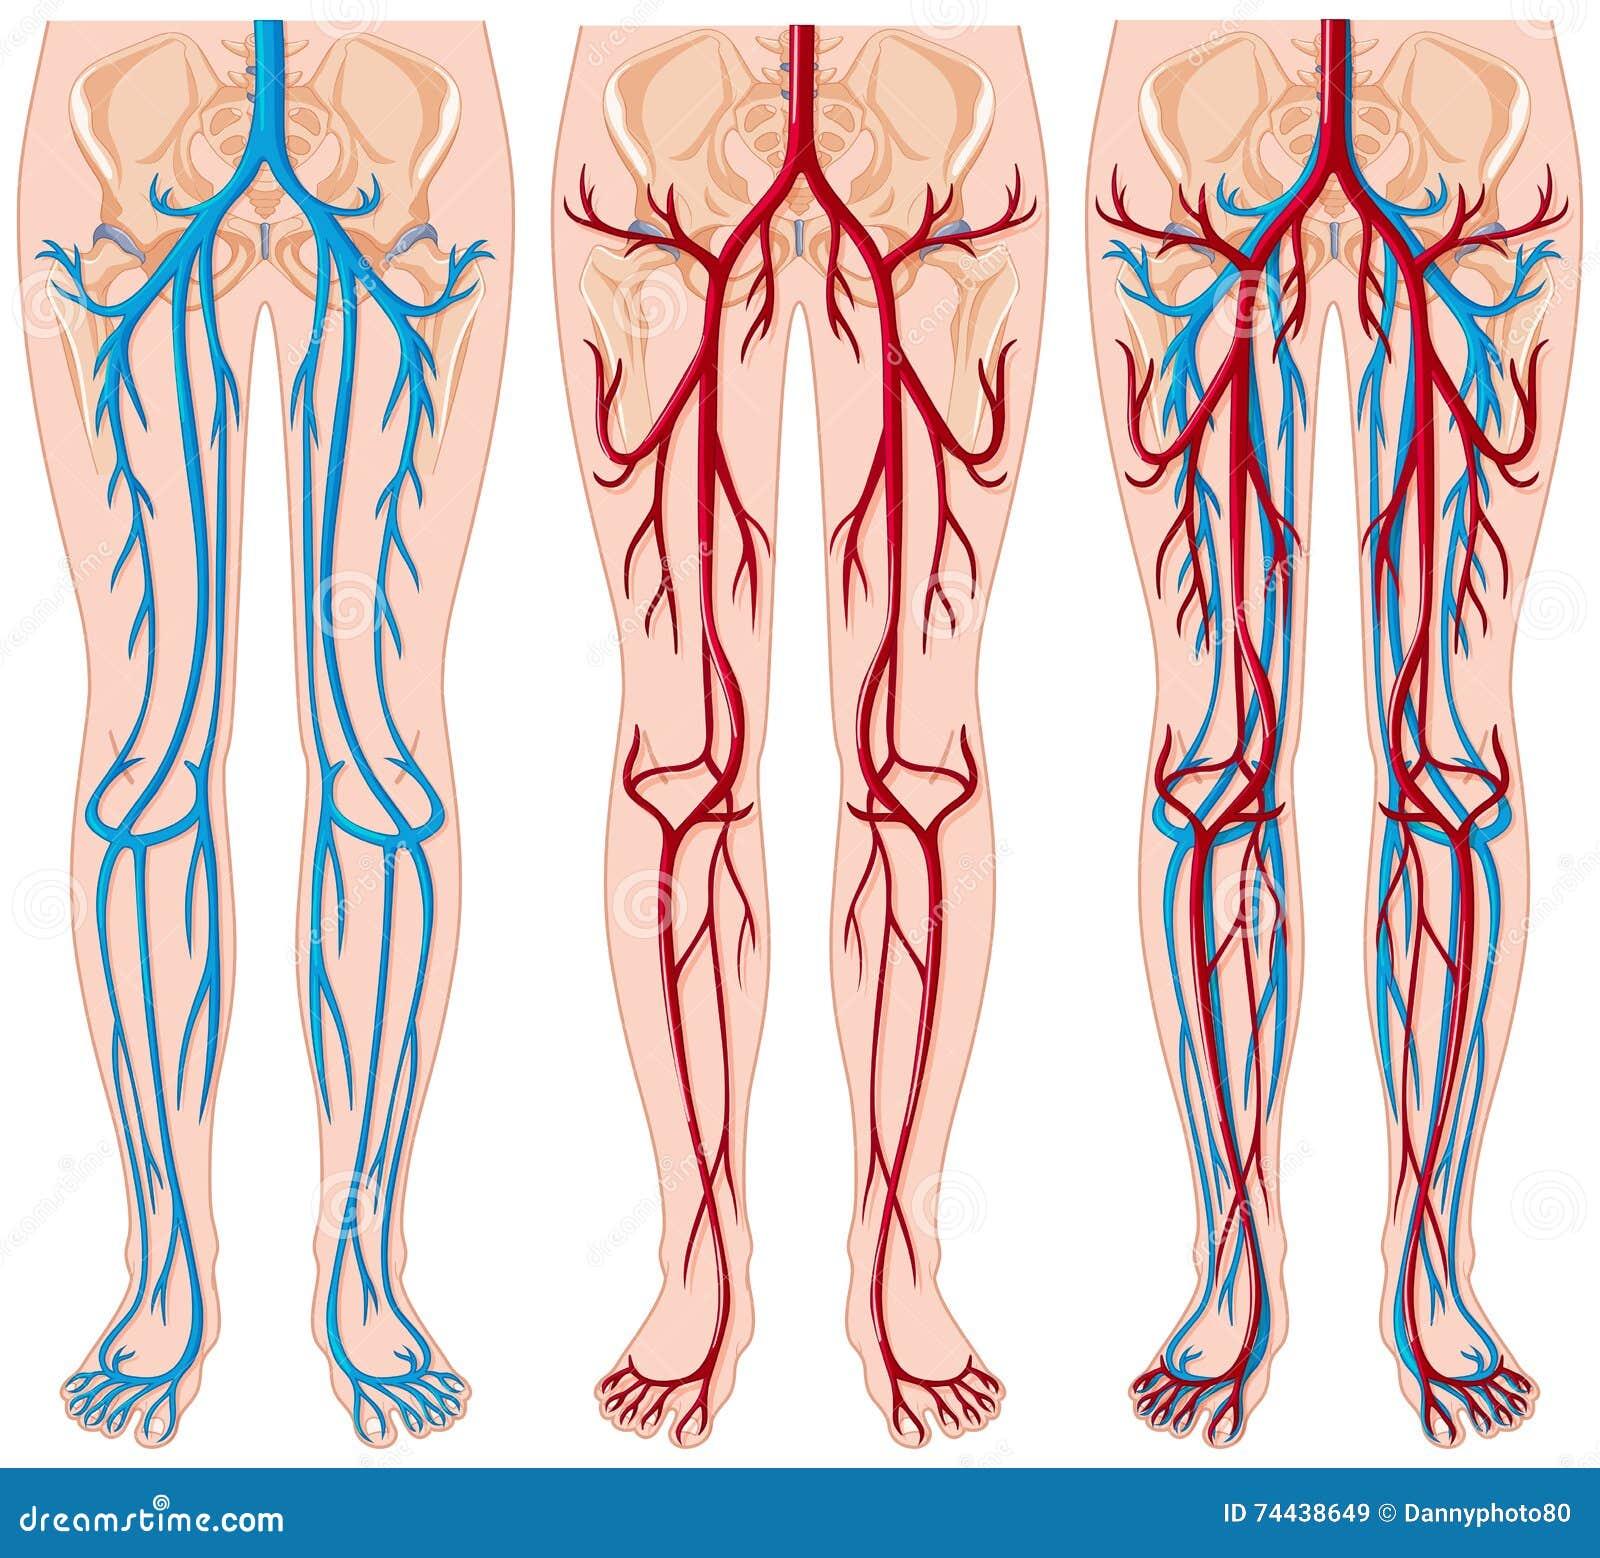 Diagramm, Das Blutgefäße Im Menschen Zeigt Vektor Abbildung ...